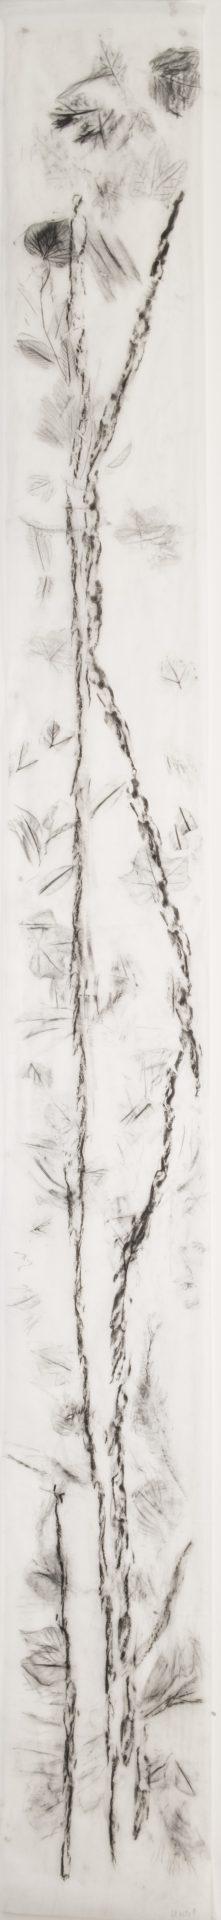 Scala Naturale<br>MMG13<br>misure: 33 x 300 cm<br>tecnica: Carboncino su carta giapponese<br>anno: 2018<br><br>DISPONIBILE